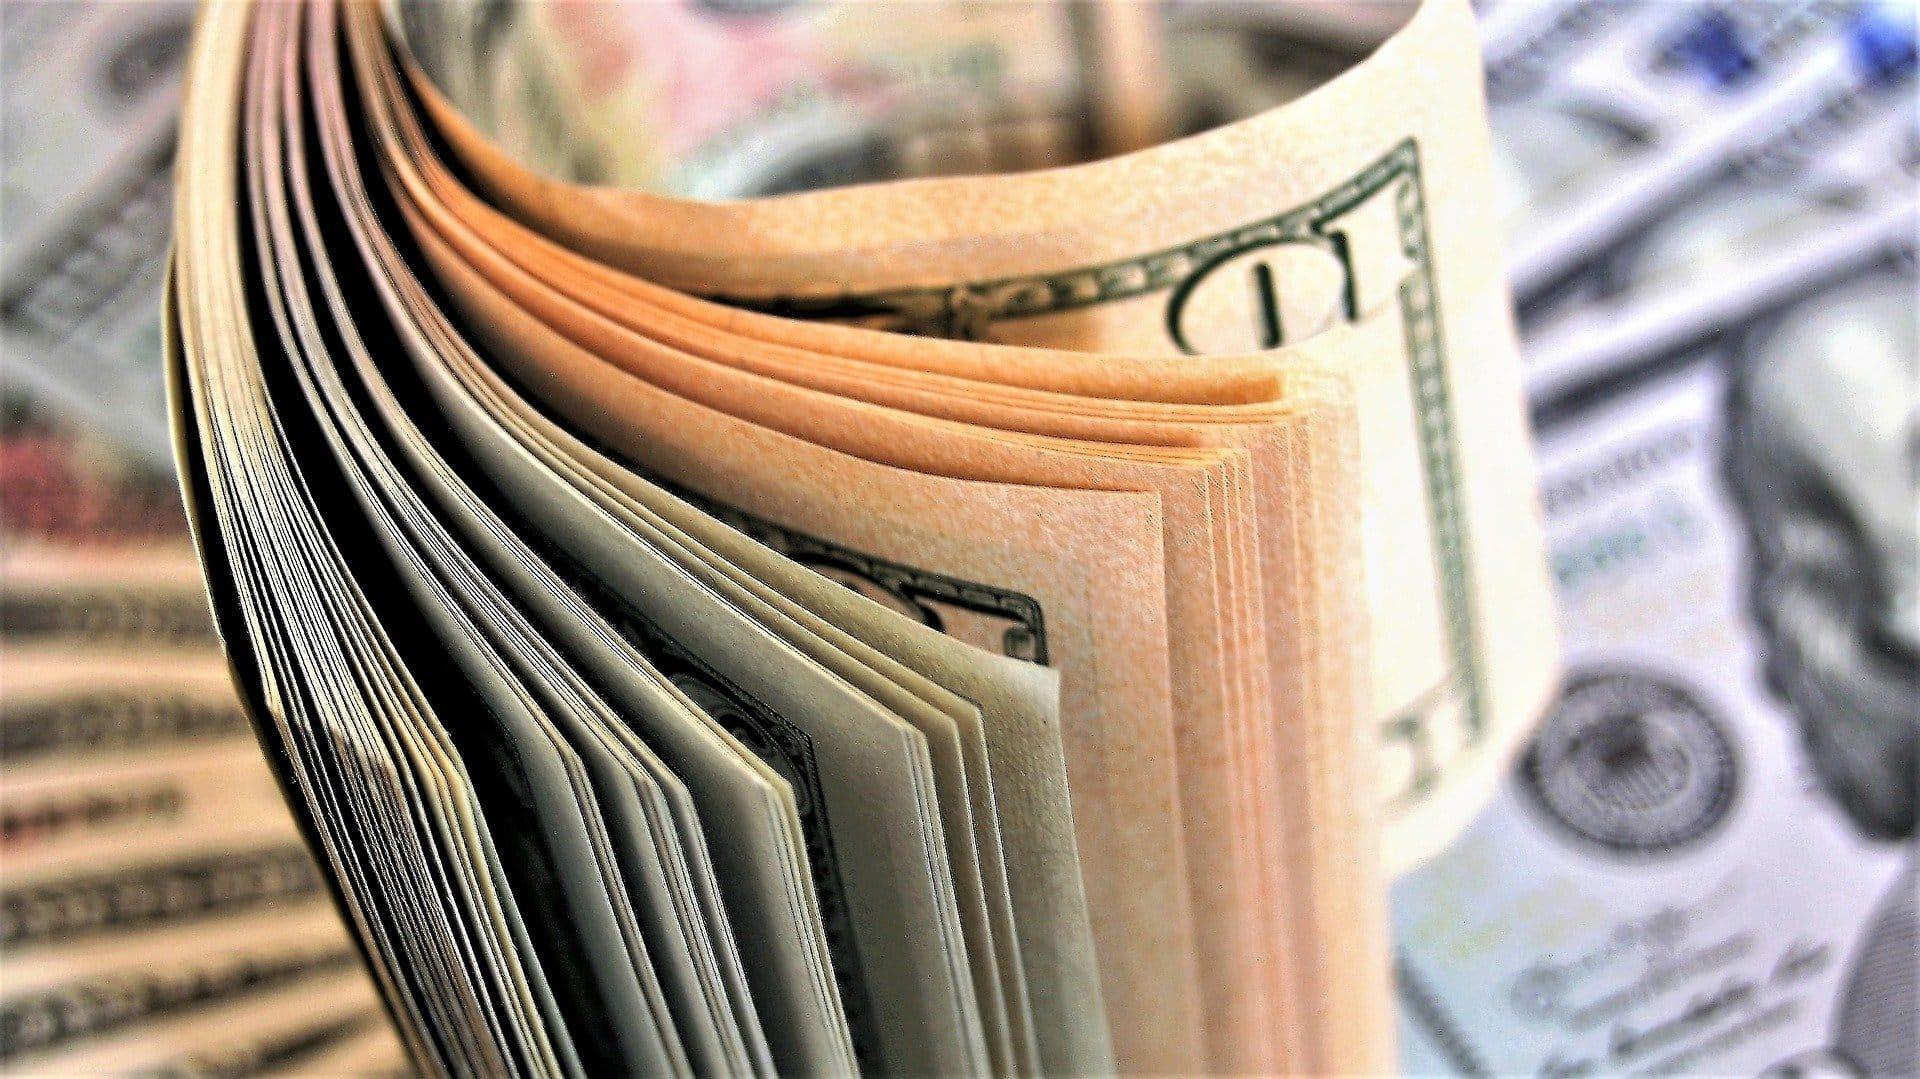 7 likumīgi veidi, kā nopelnīt vieglu naudu Kenijā - Joon Online